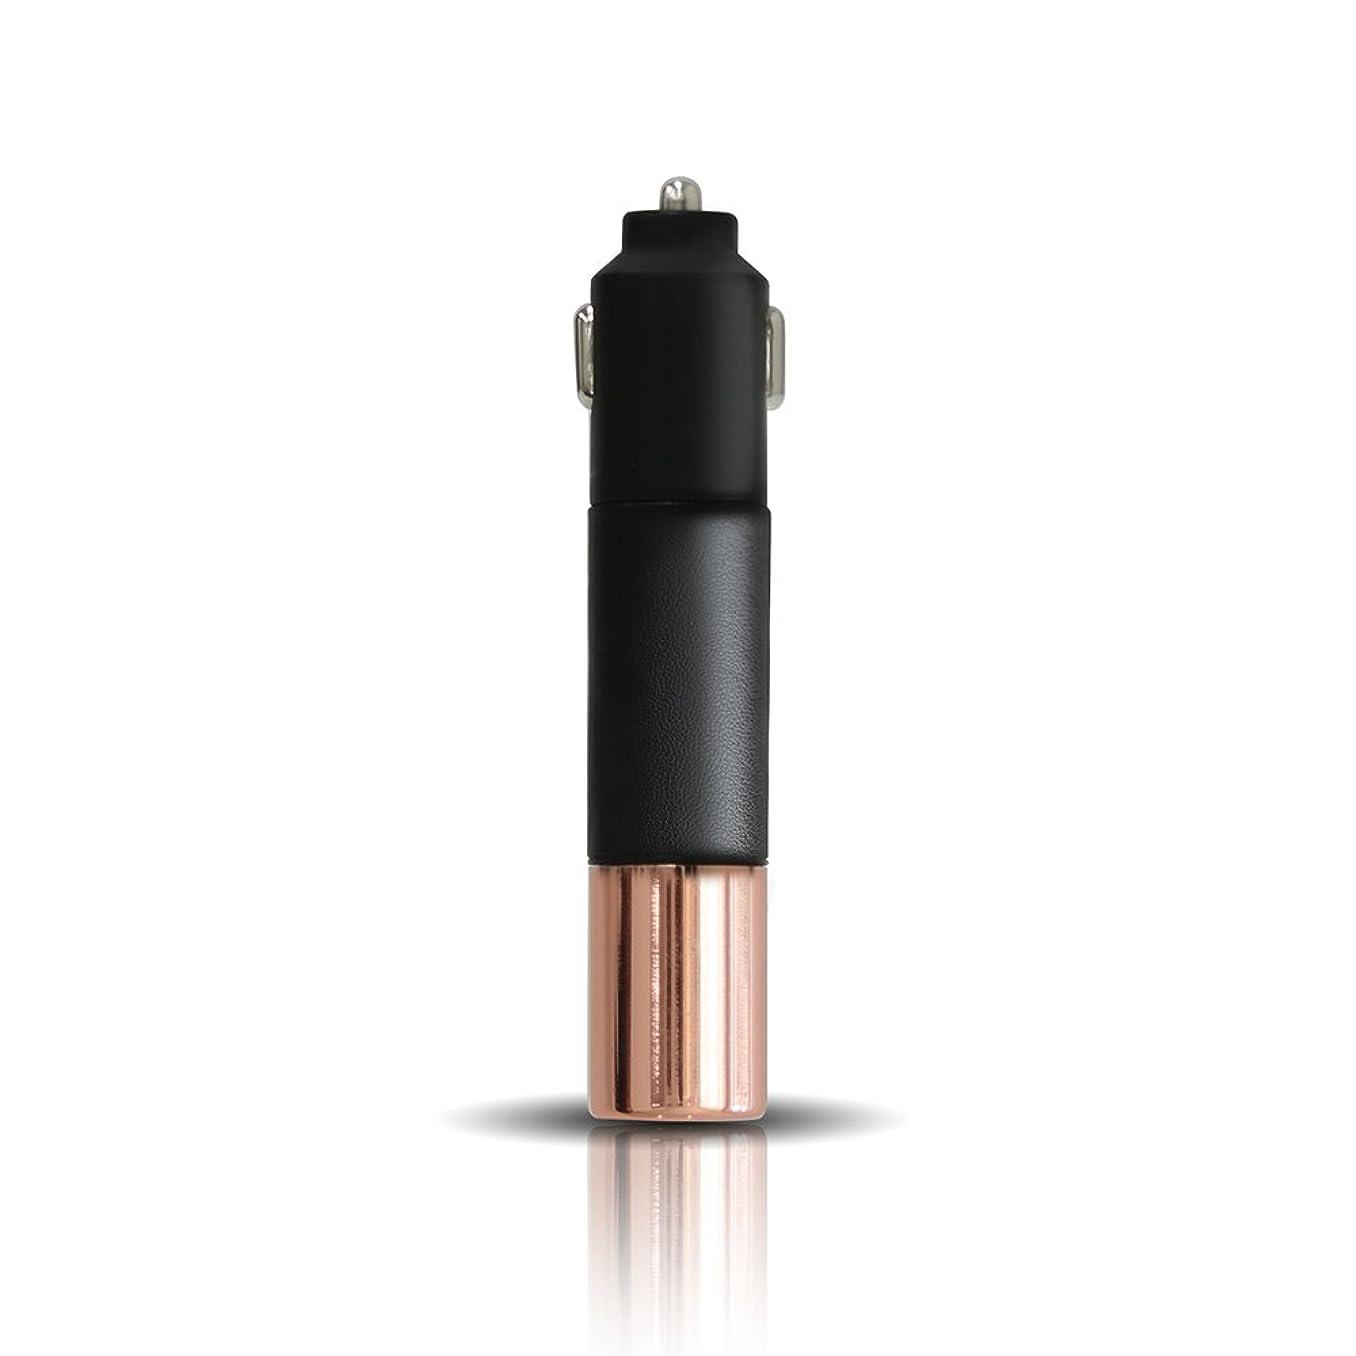 ホーン値下げ月PRISMATE(プリズメイト) Driving Aroma Diffuser Leather and Metal PR-AD02C (BK(ブラック))